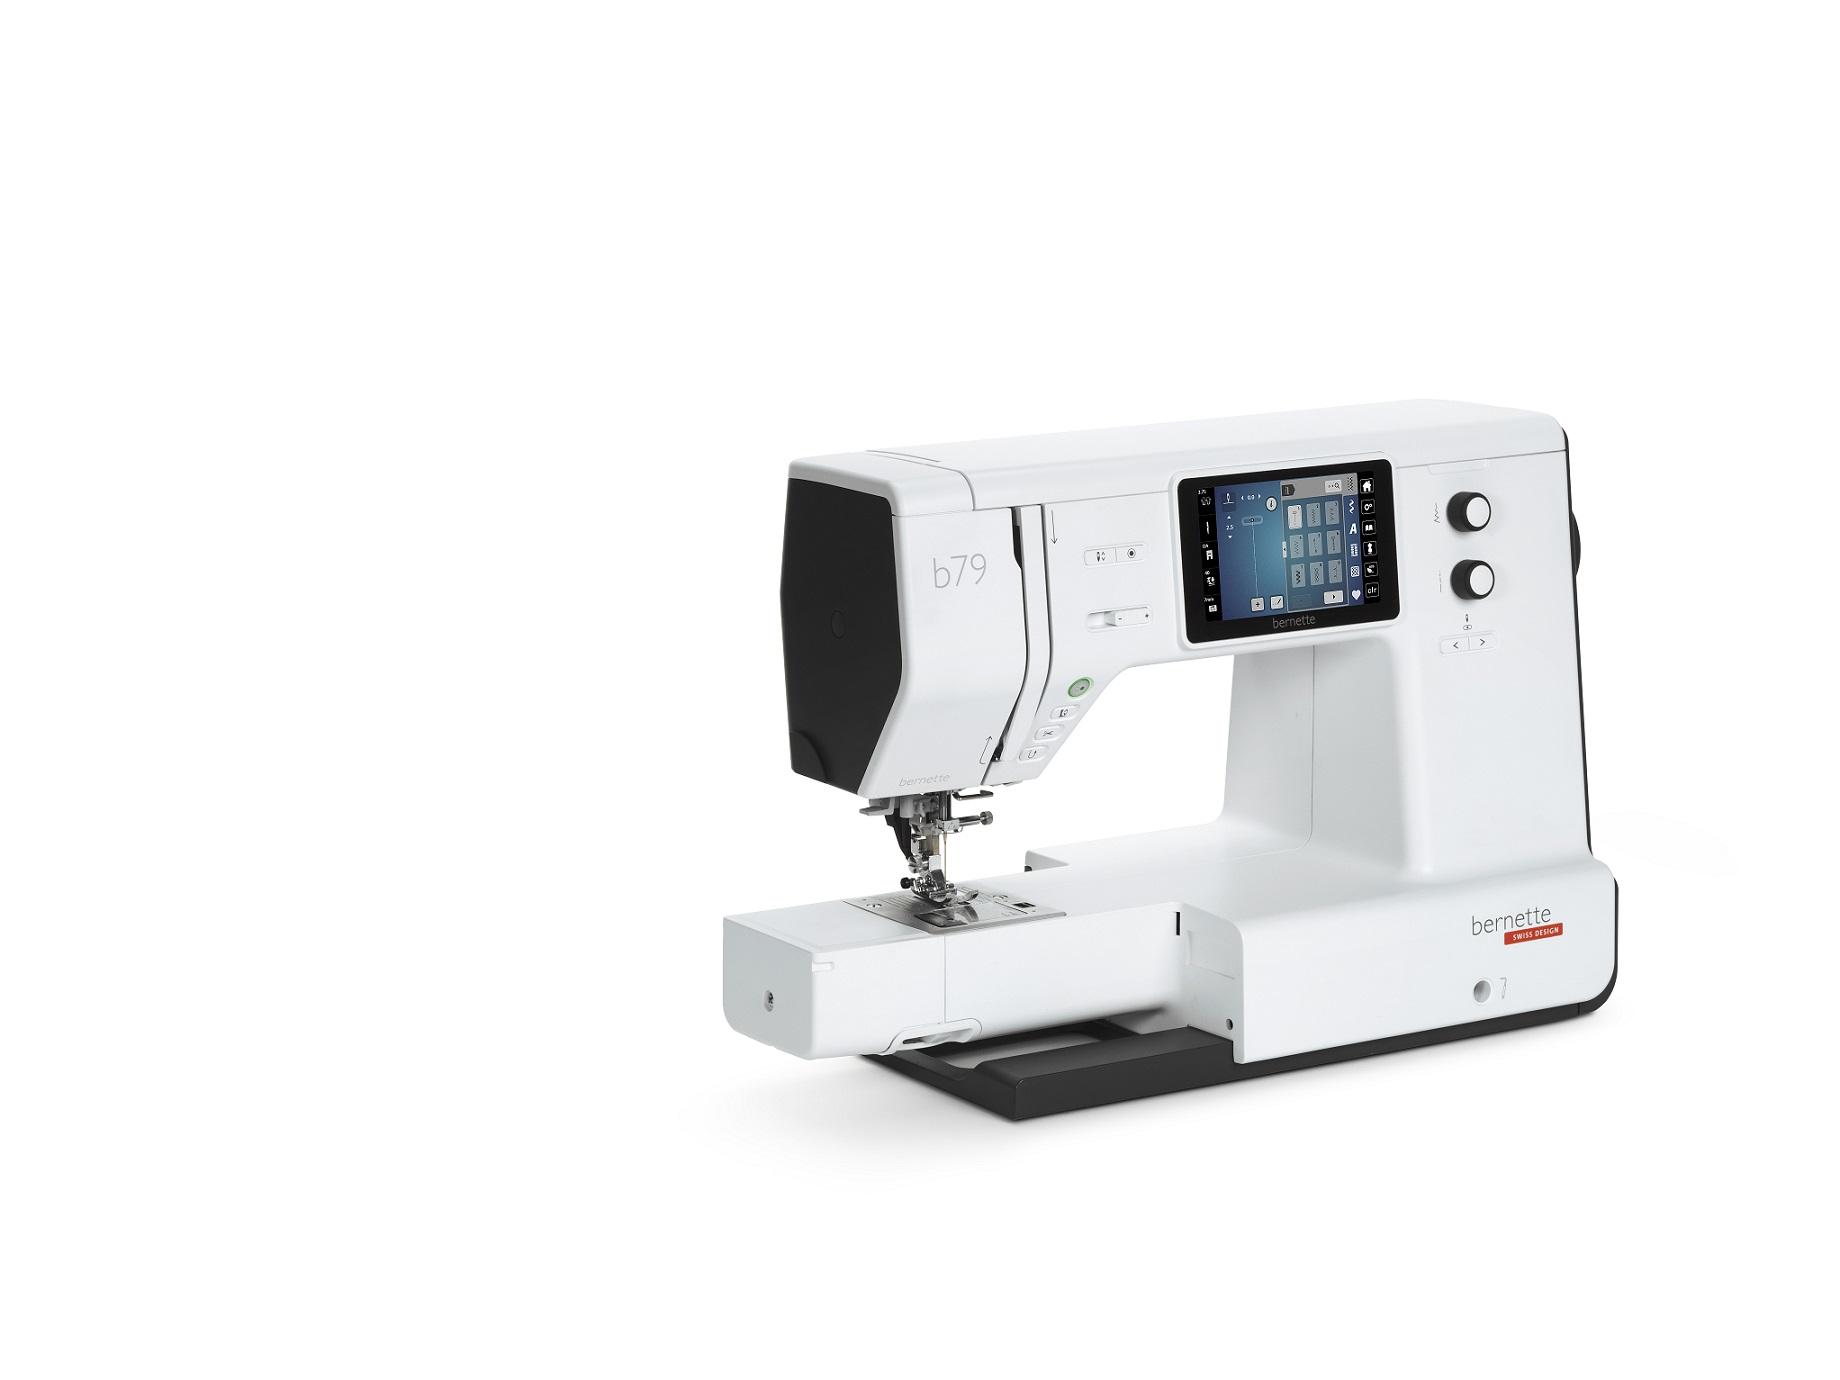 šicí a vyšívací stroj Bernette 79-4